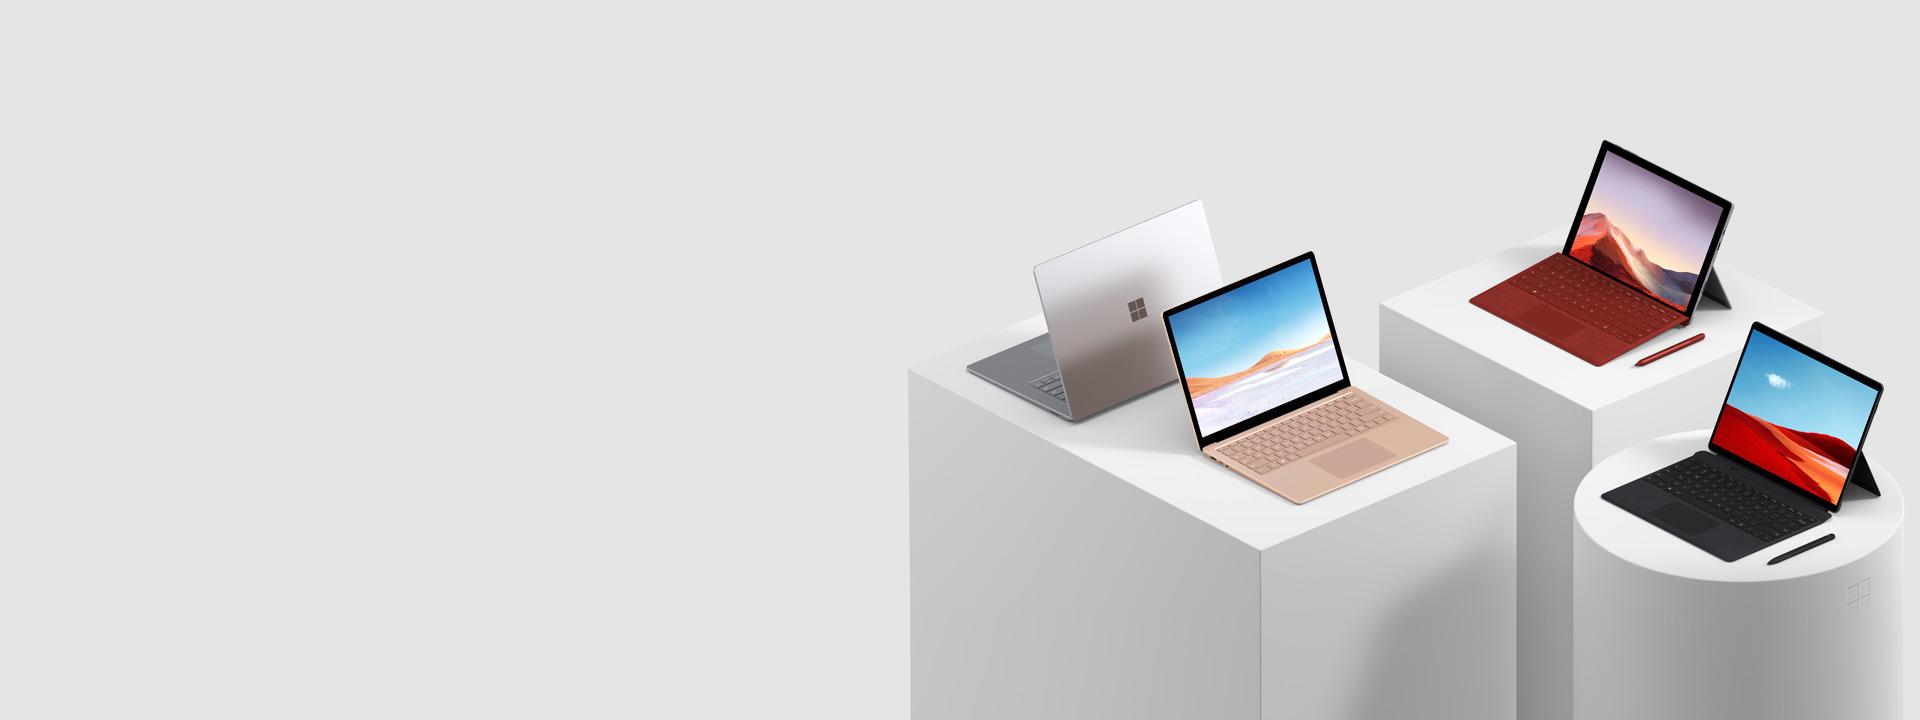 Plusieurs ordinateurs Surface, y compris la Surface Pro 7, la Surface Pro X, le Surface Book 2, le Surface Studio 2 et la Surface Go